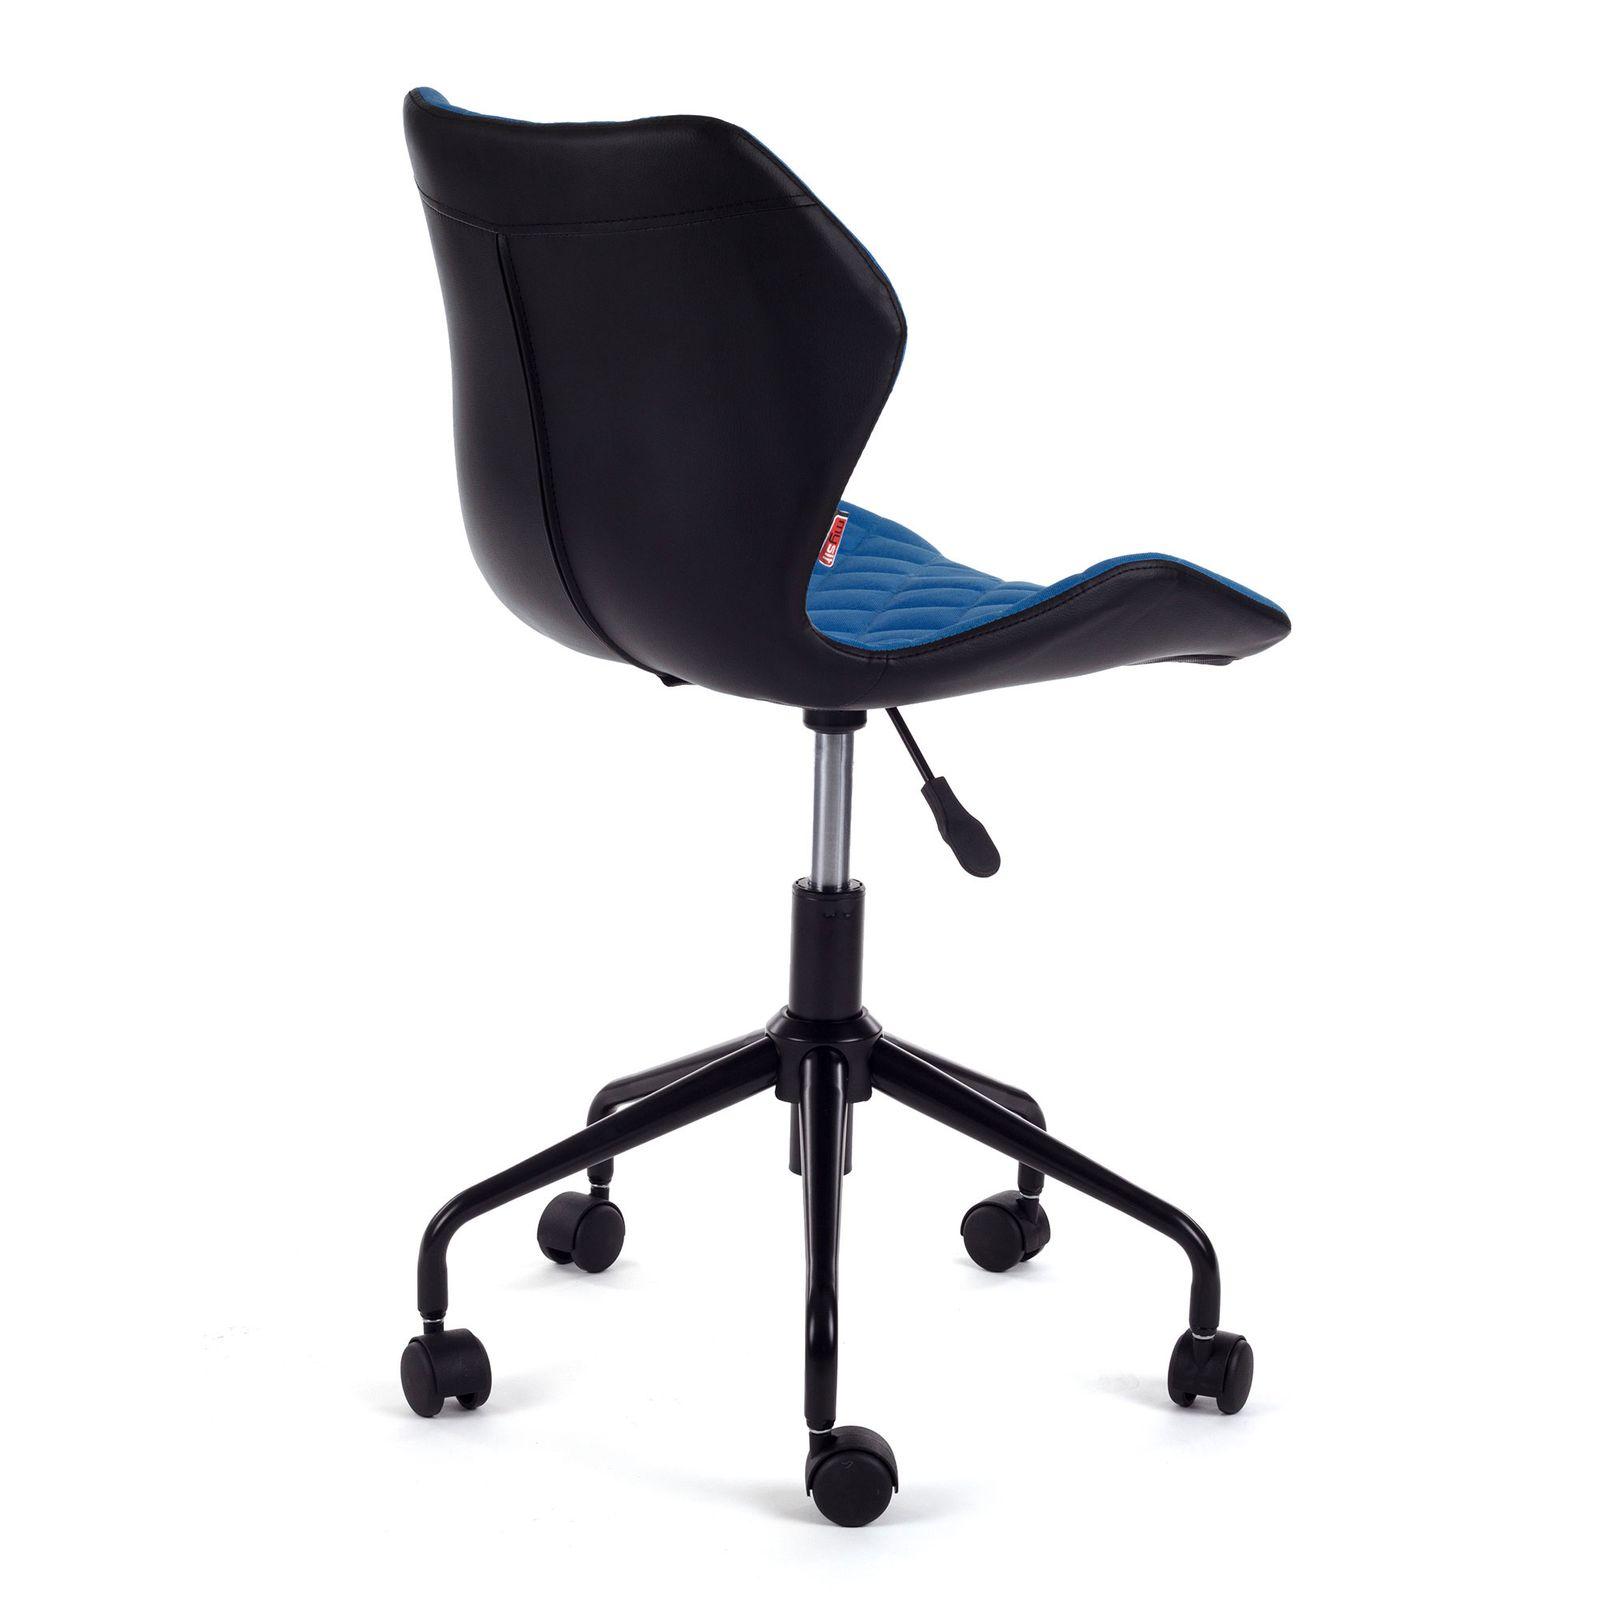 my sit sedia da ufficio poltrona pelle sintetica